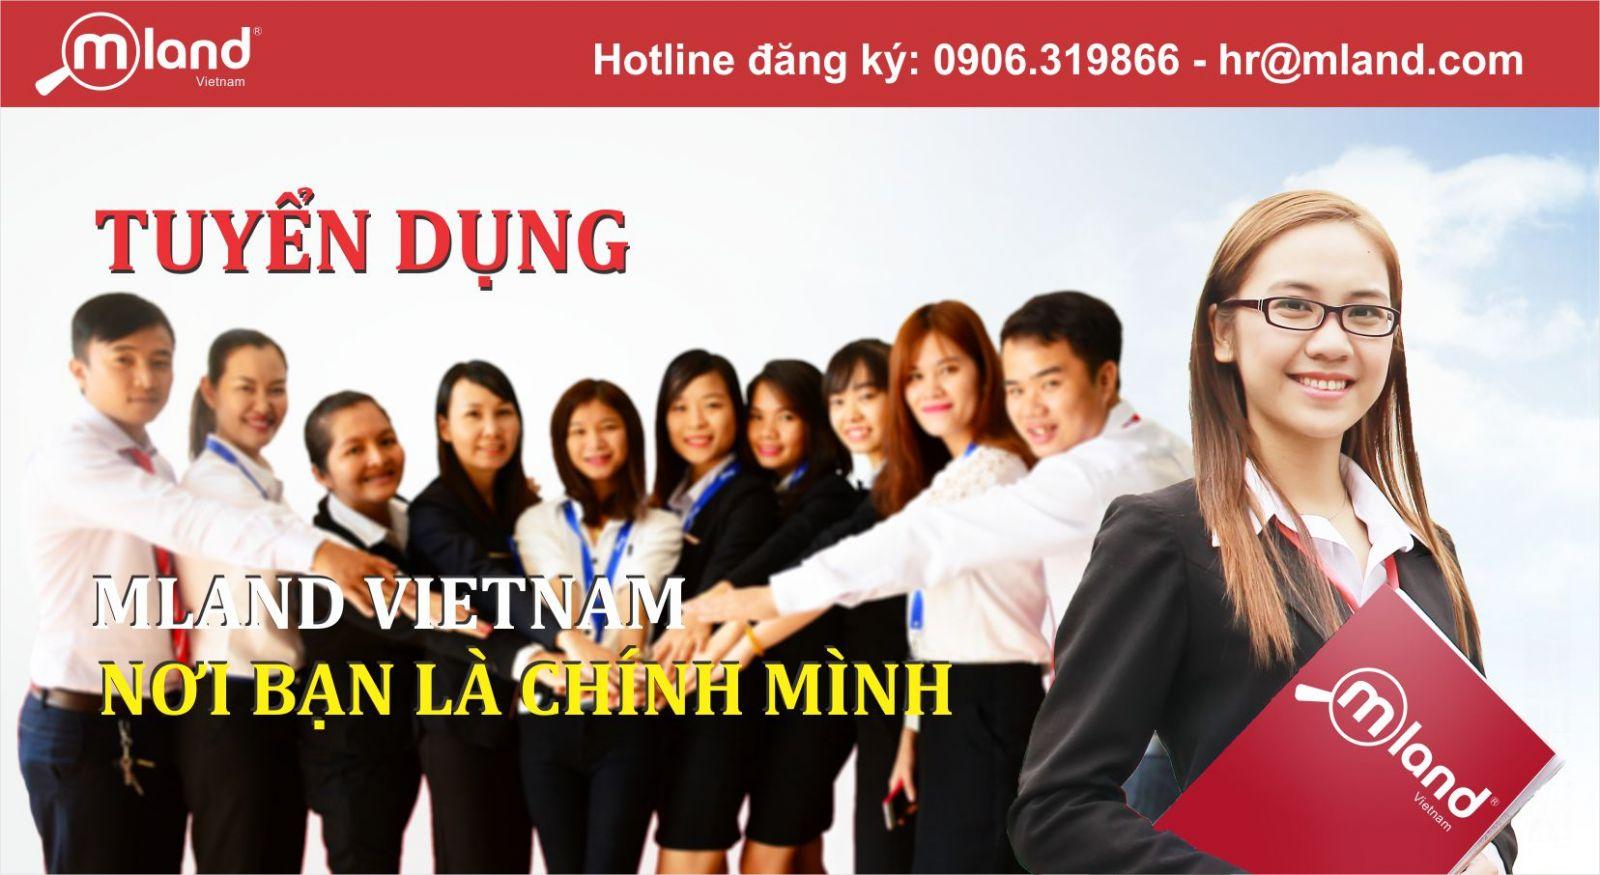 Cơ hội nghề nghiệp tại MLAND VIETNAM